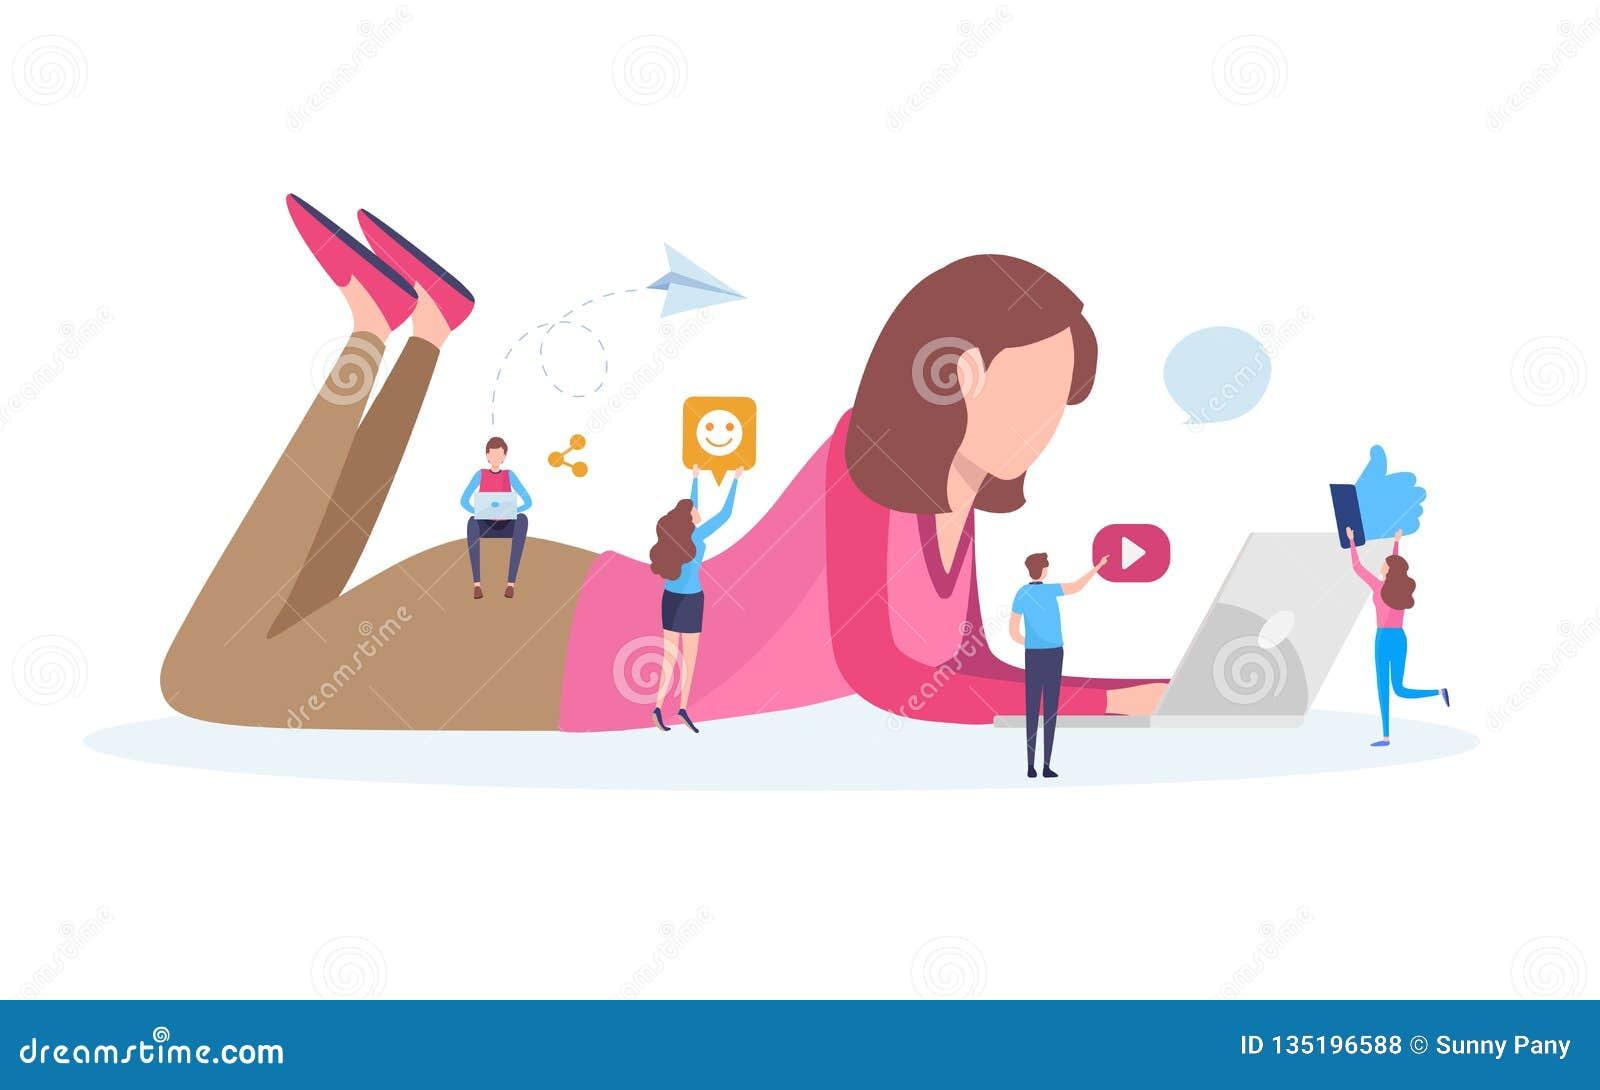 Socialt nätverk, socialt massmedia, online-gemenskap, pratstund, meddelande, nyheterna, website, användare, Blogger Plan tecknad